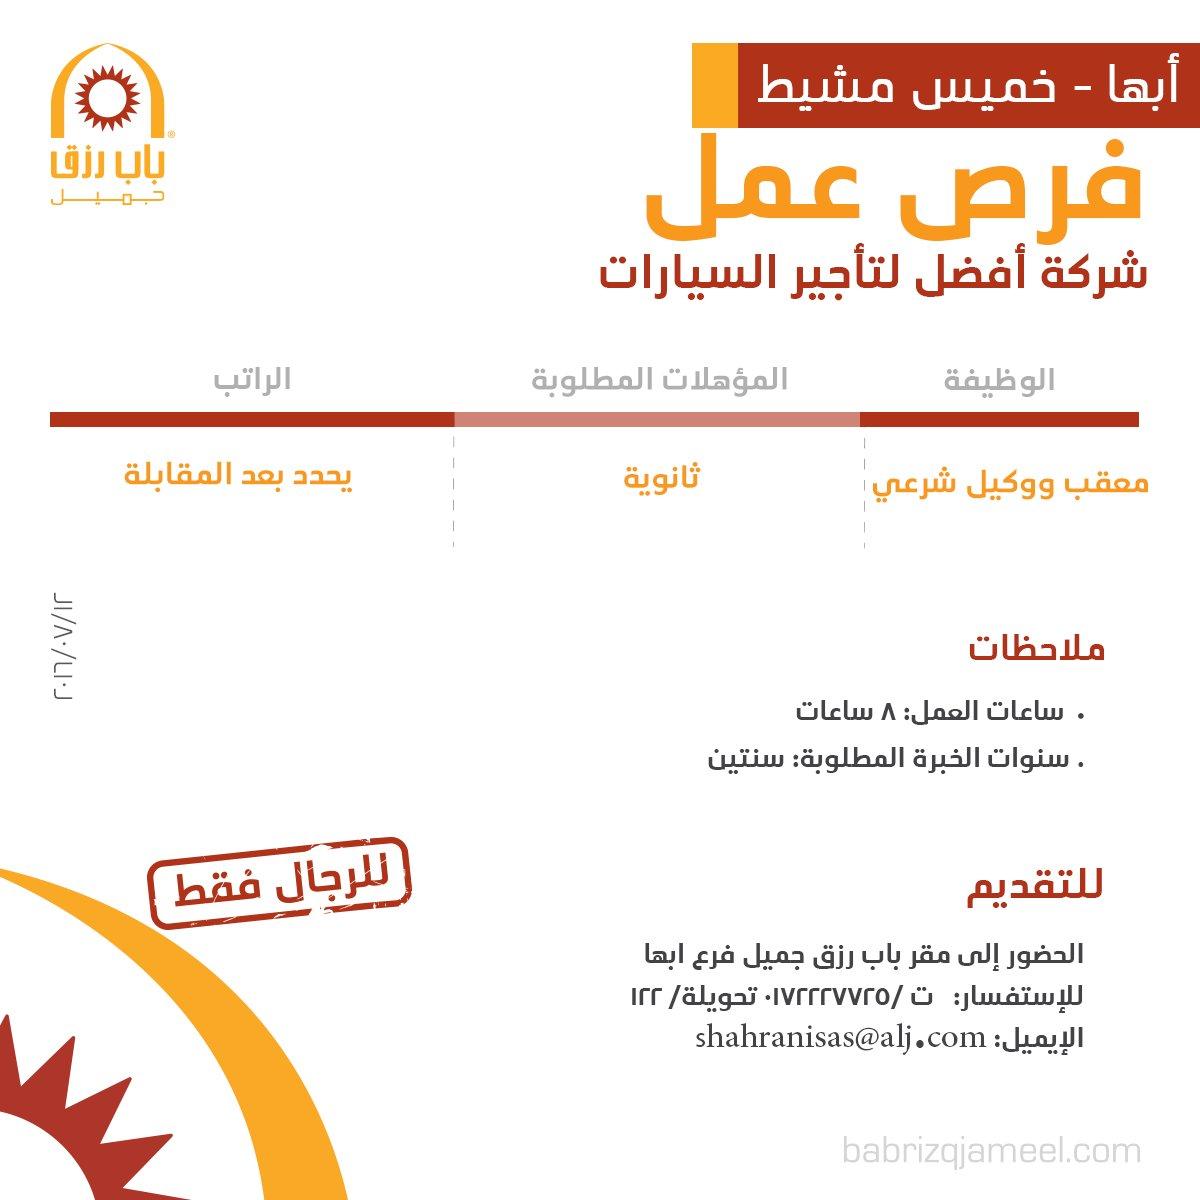 مطلوب معقب ووكيل شرعي - أبها وخميس مشيط